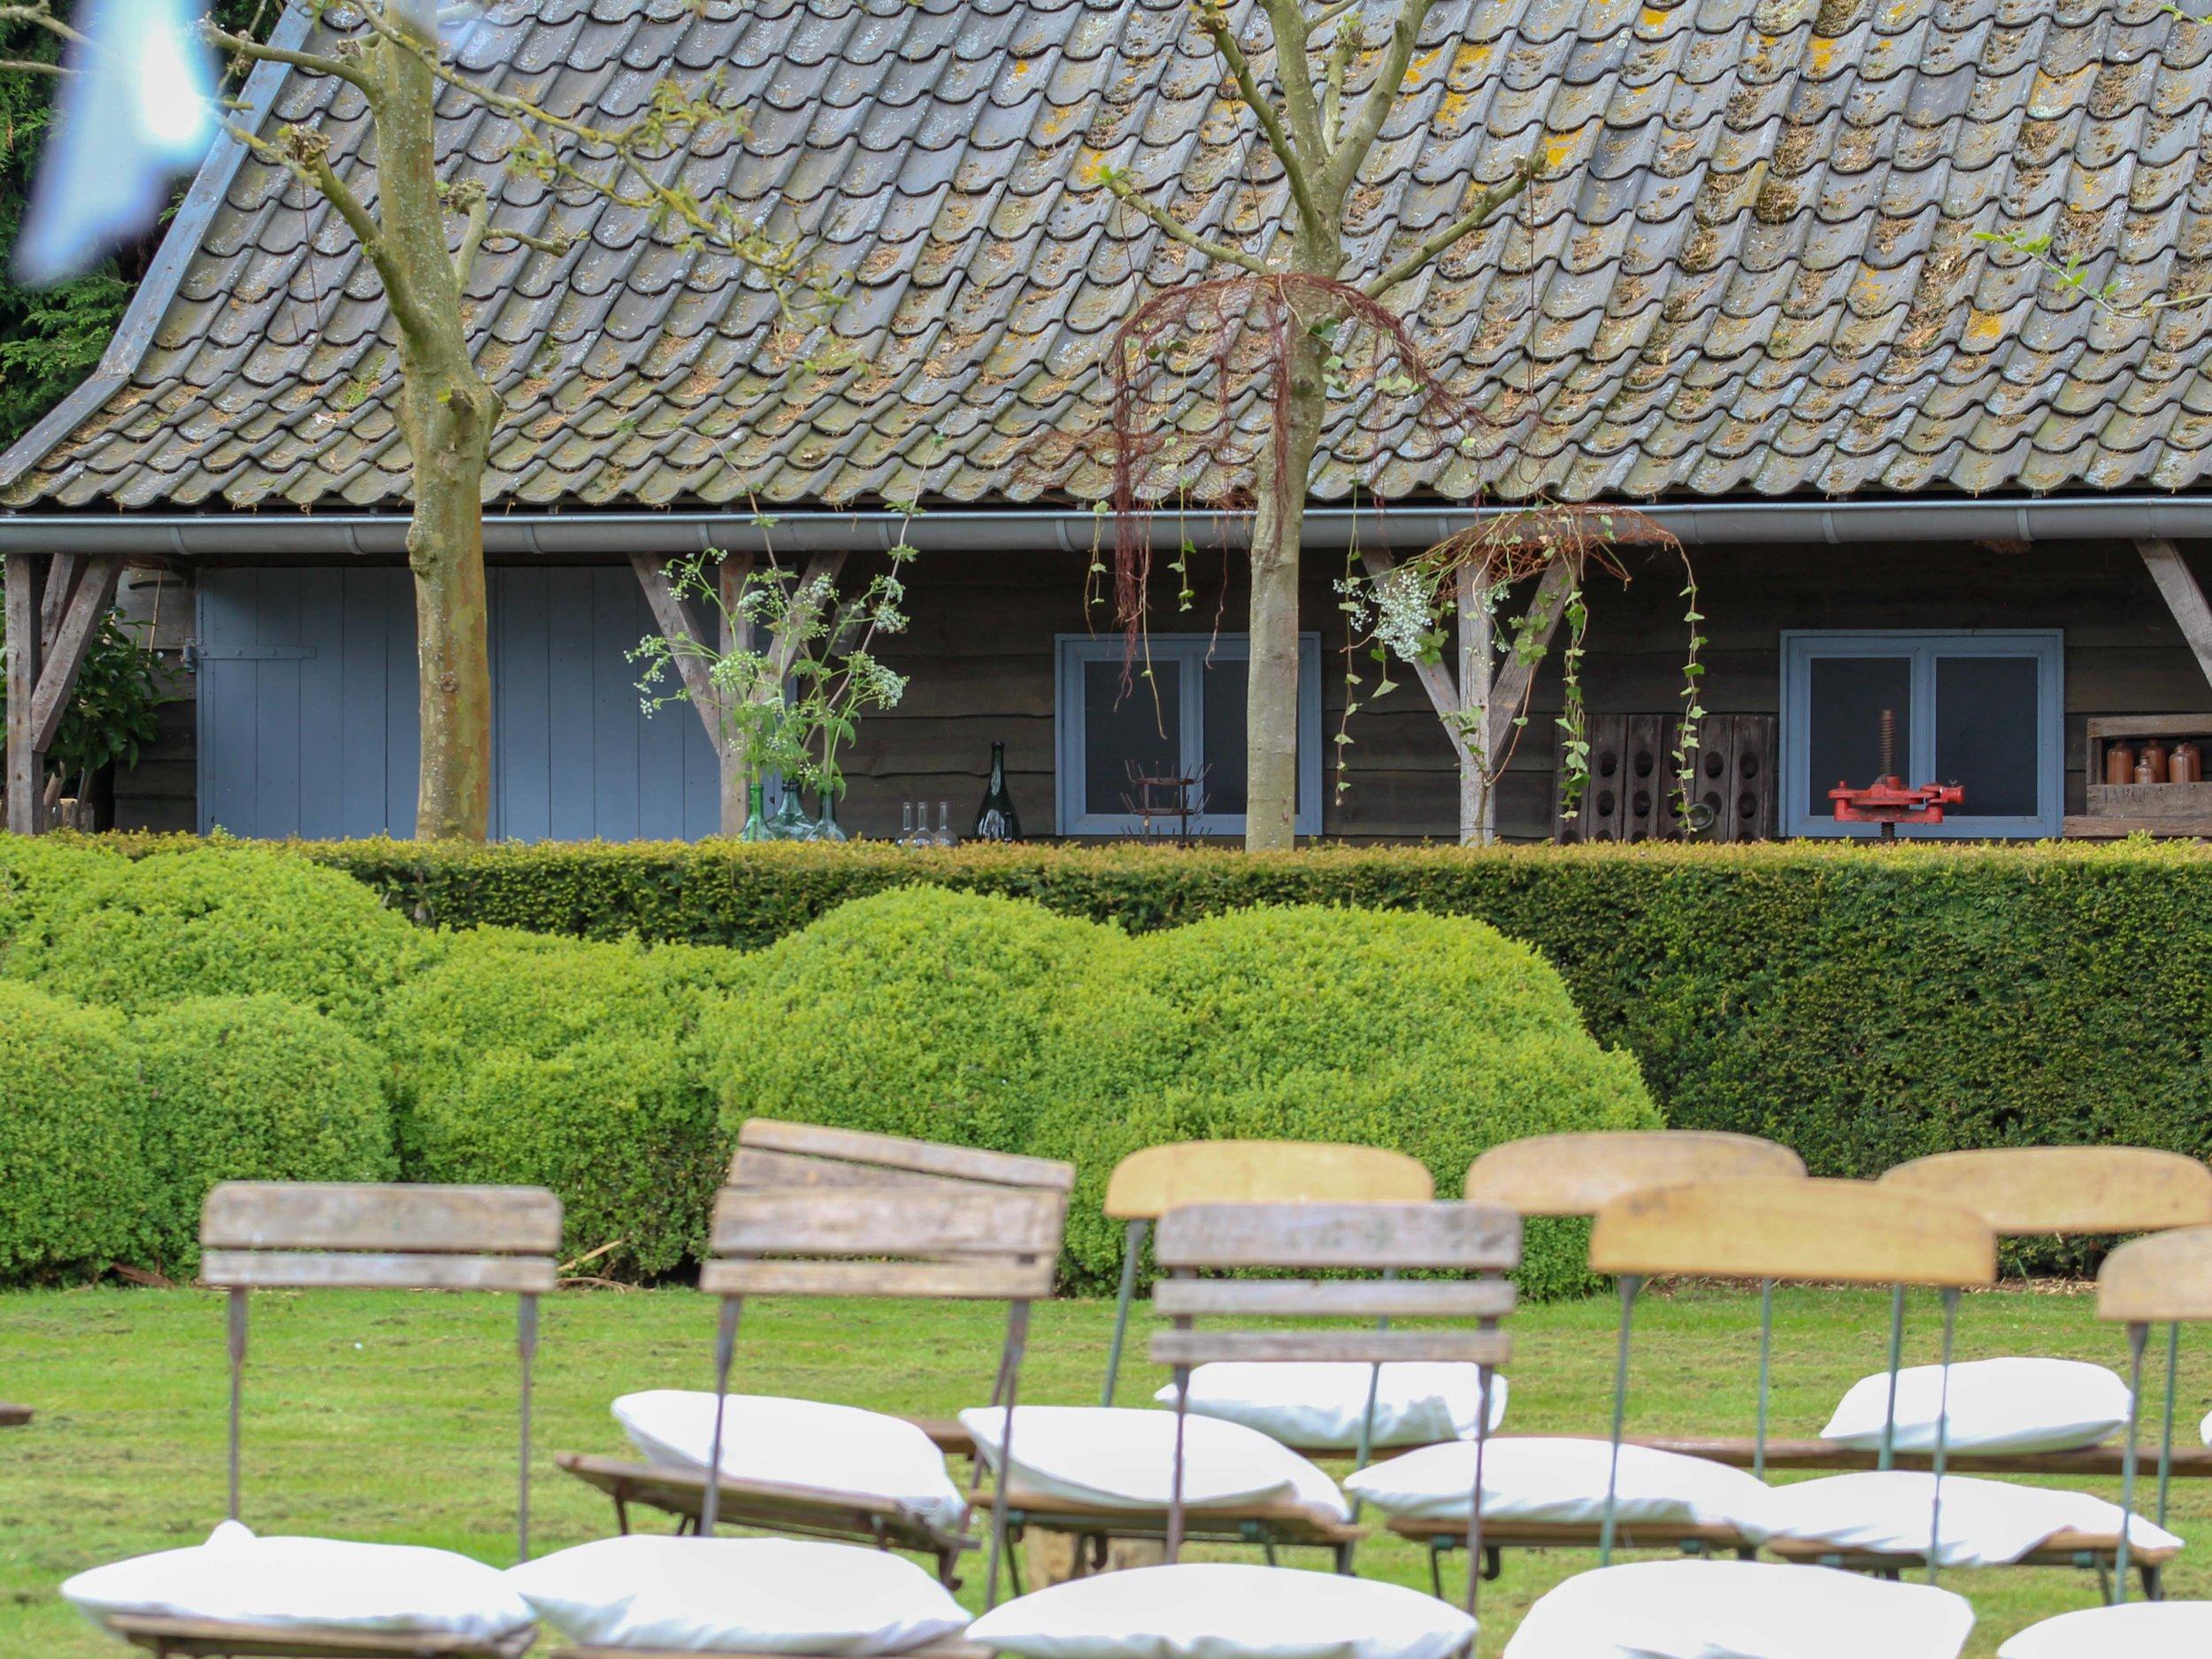 Domaine & Orangerie d'Heerstaayen-38.jpg